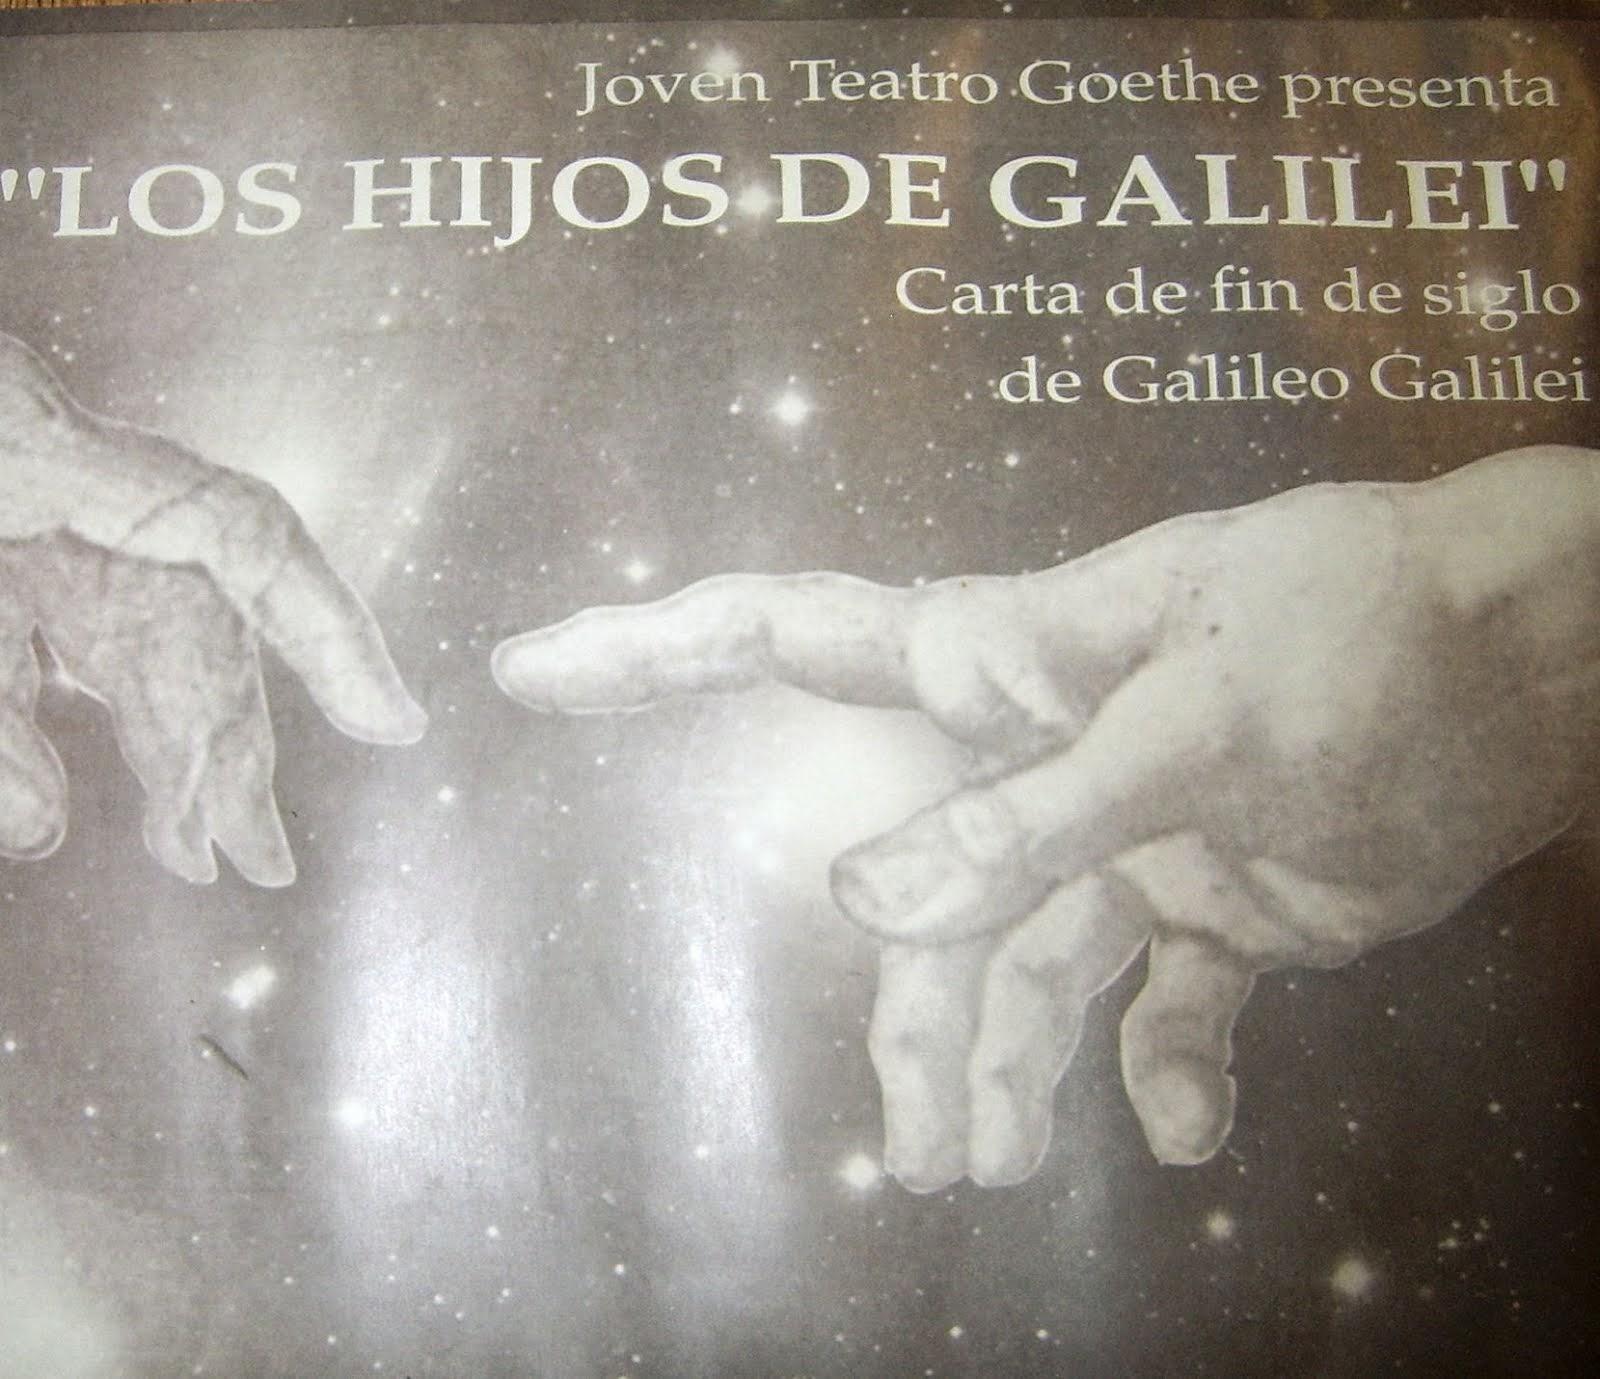 .Los hijos de Galilei